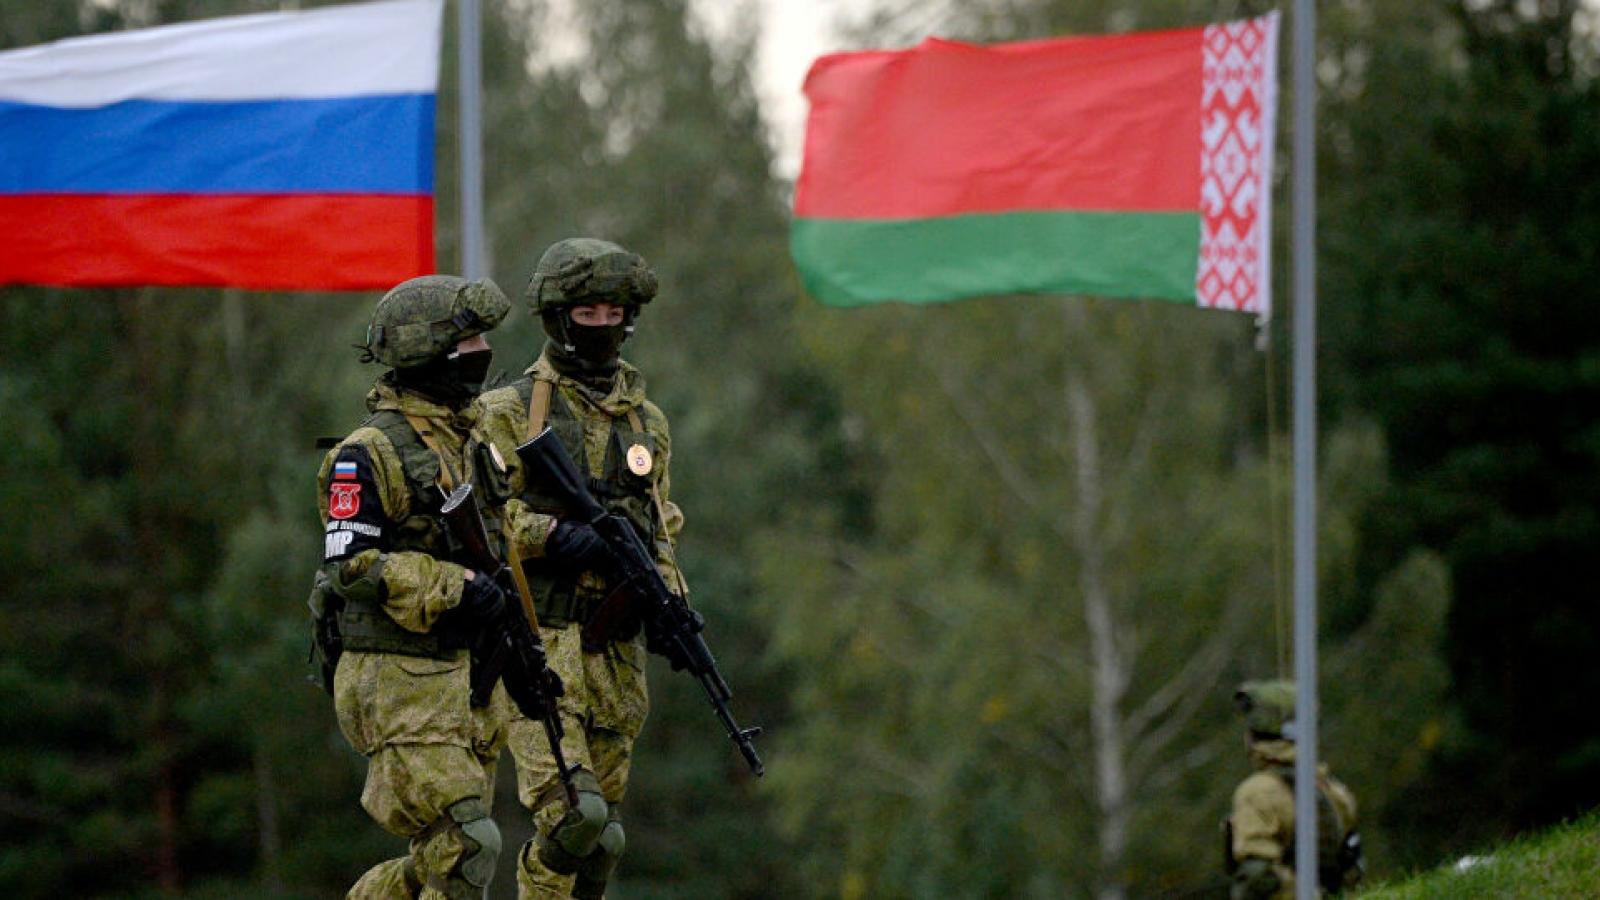 Nga và Belarus tập trận Zapad 2021 trên 14 thao trường, NATO giám sát chặt chẽ